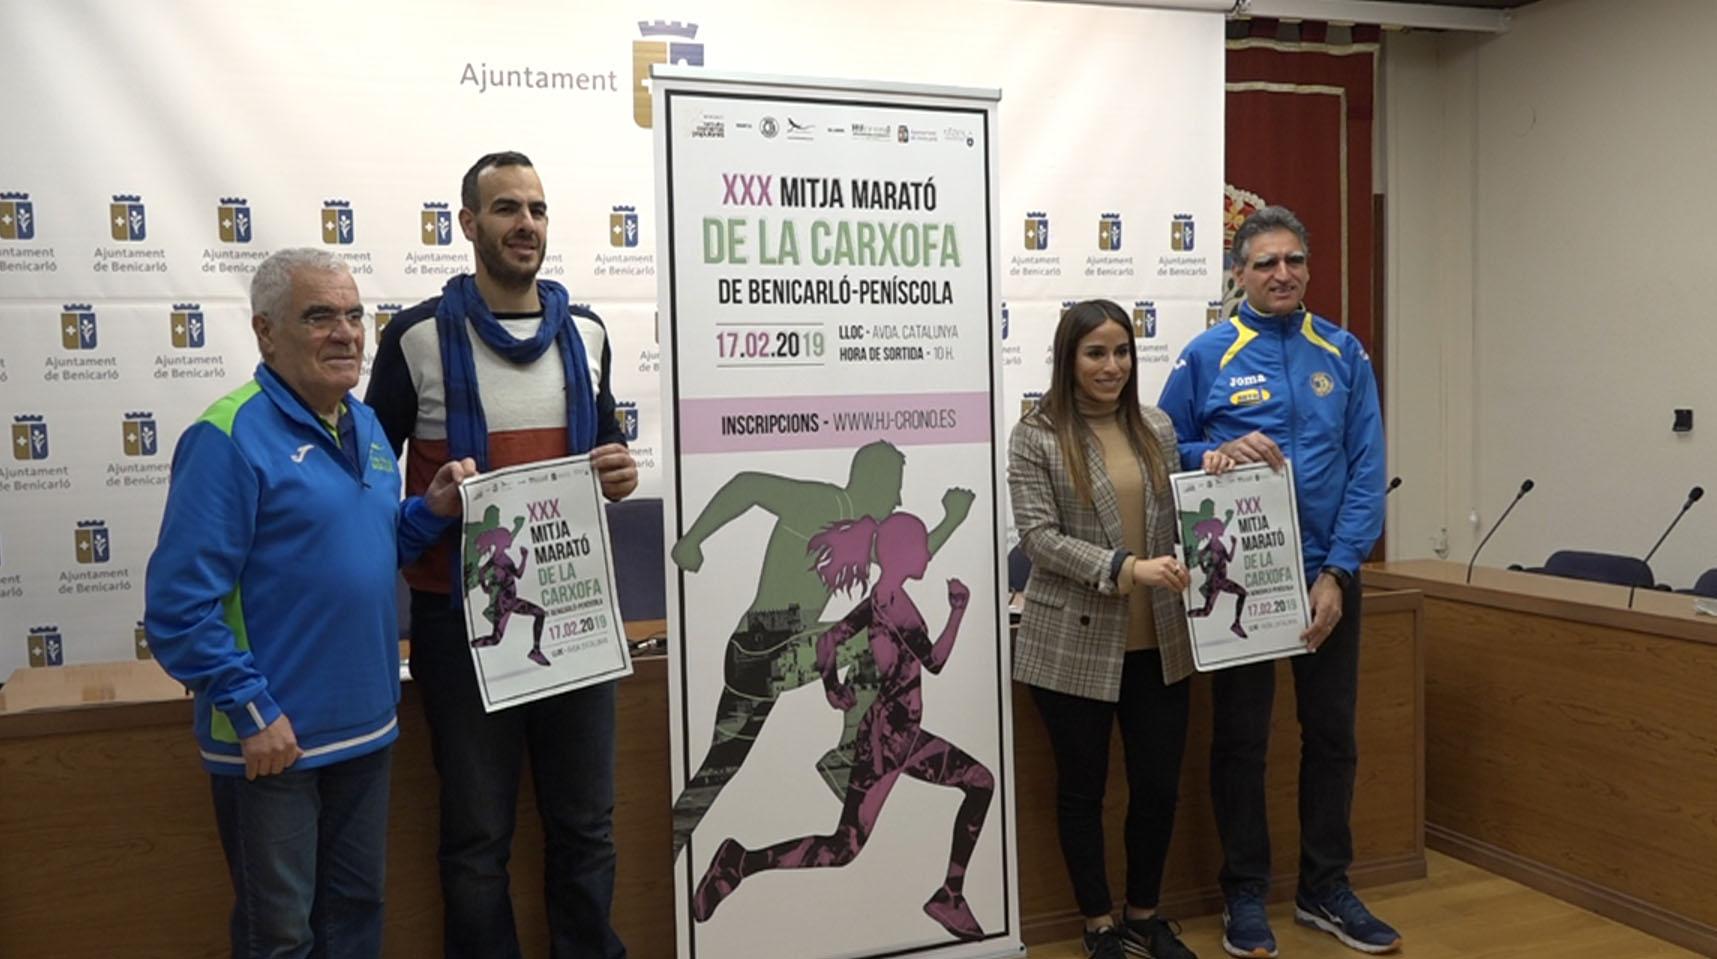 Benicarló acollirà el 17 de febrer la 30a edició de la Mitja Marató de la Carxofa